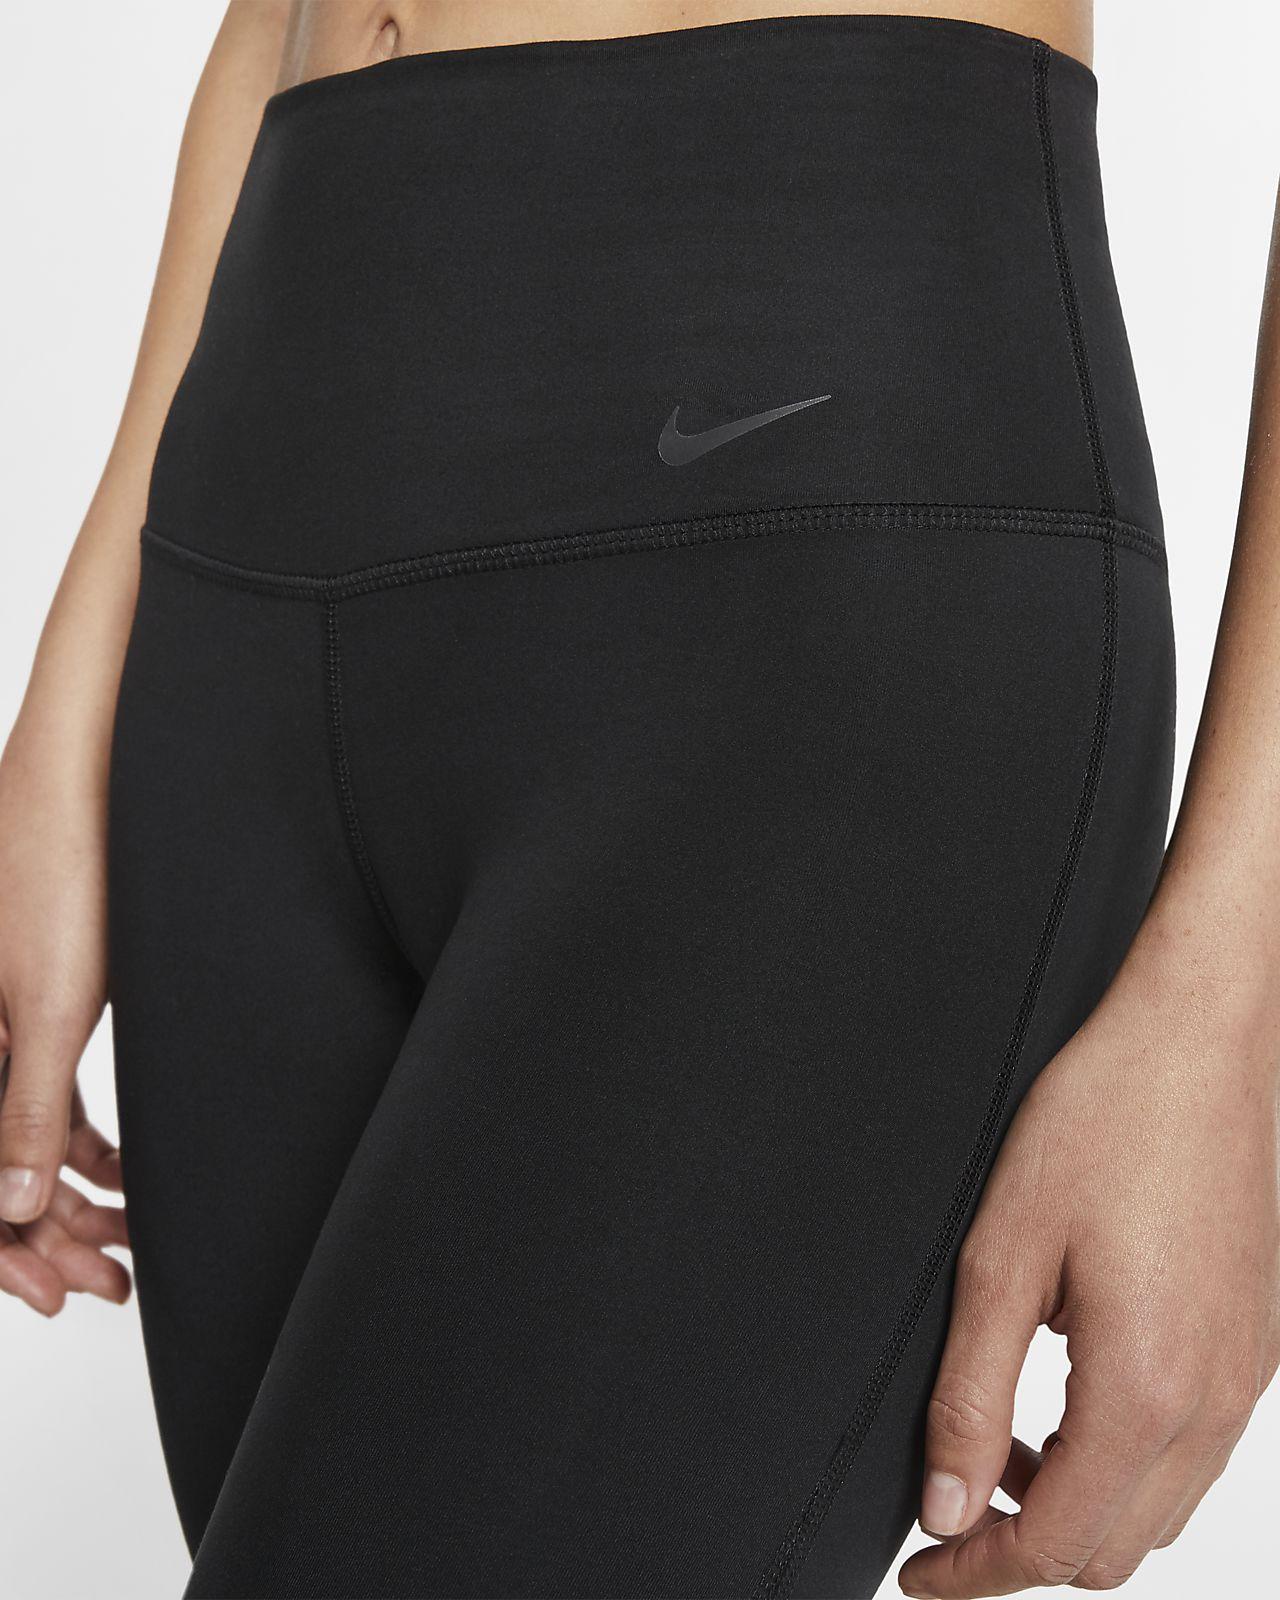 9fc6cab4e Dámské tréninkové 7/8 legíny Nike Dri-FIT Power na jógu. Nike.com CZ